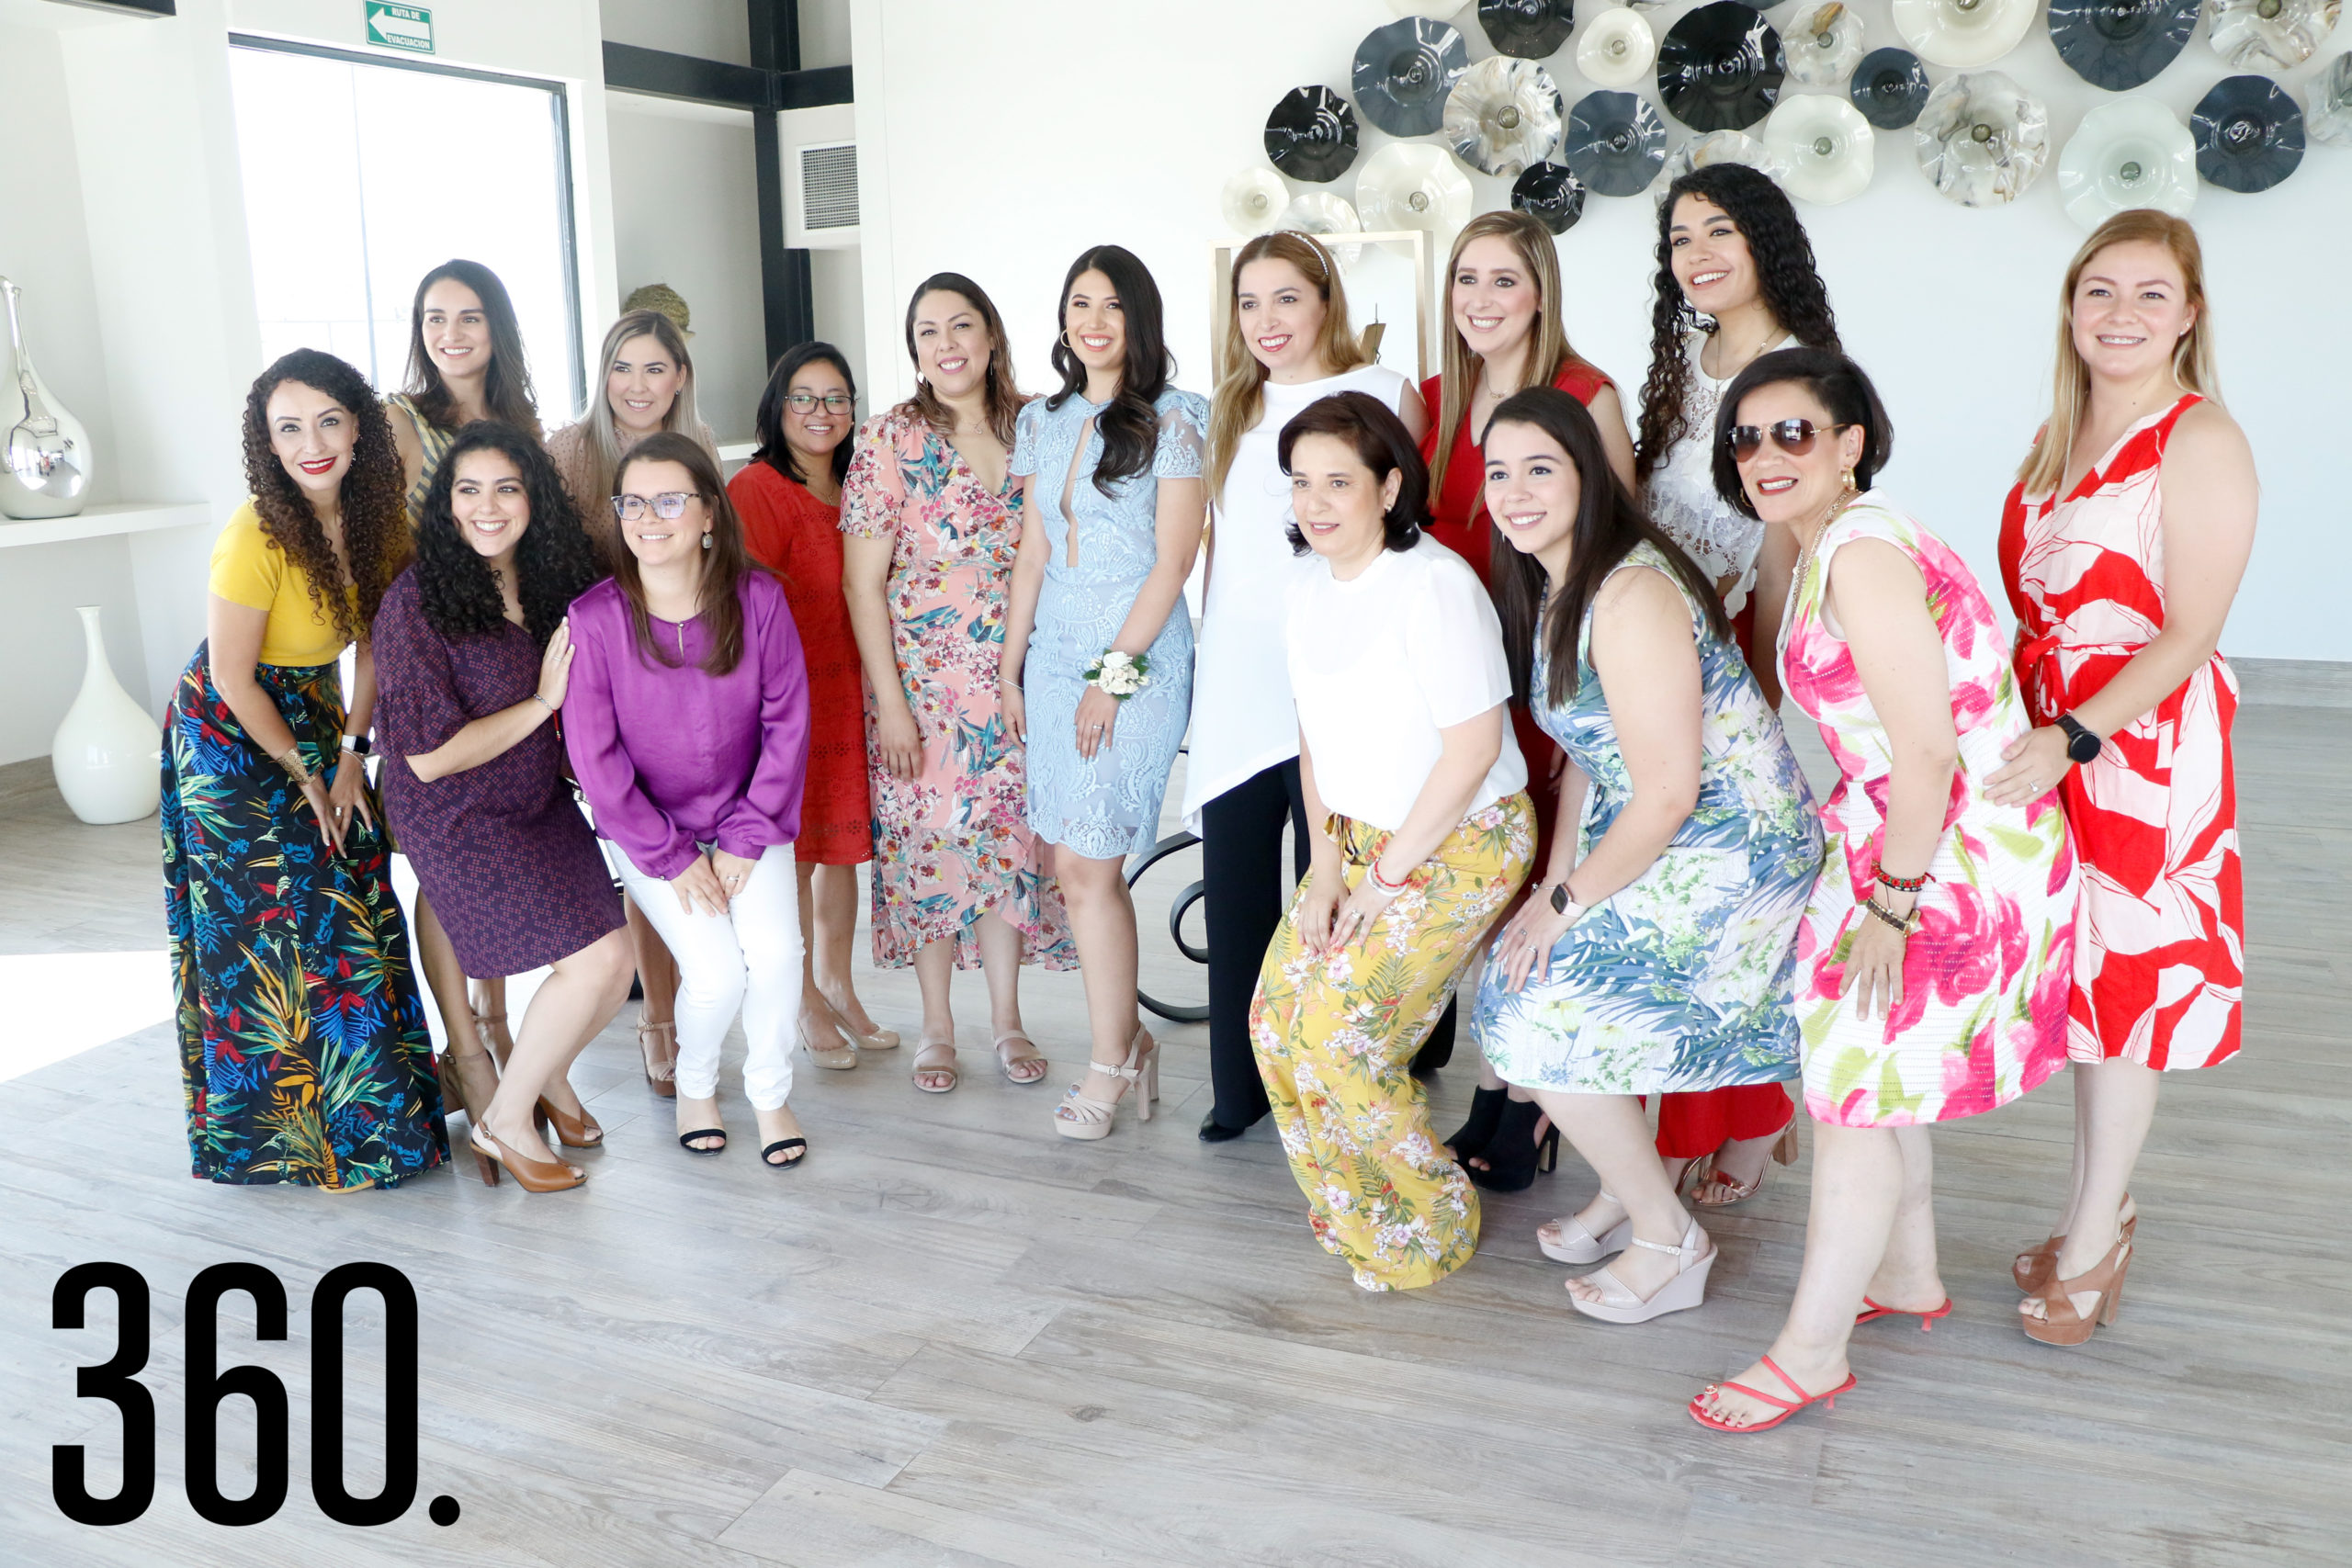 Ana Sofía con sus amigas.